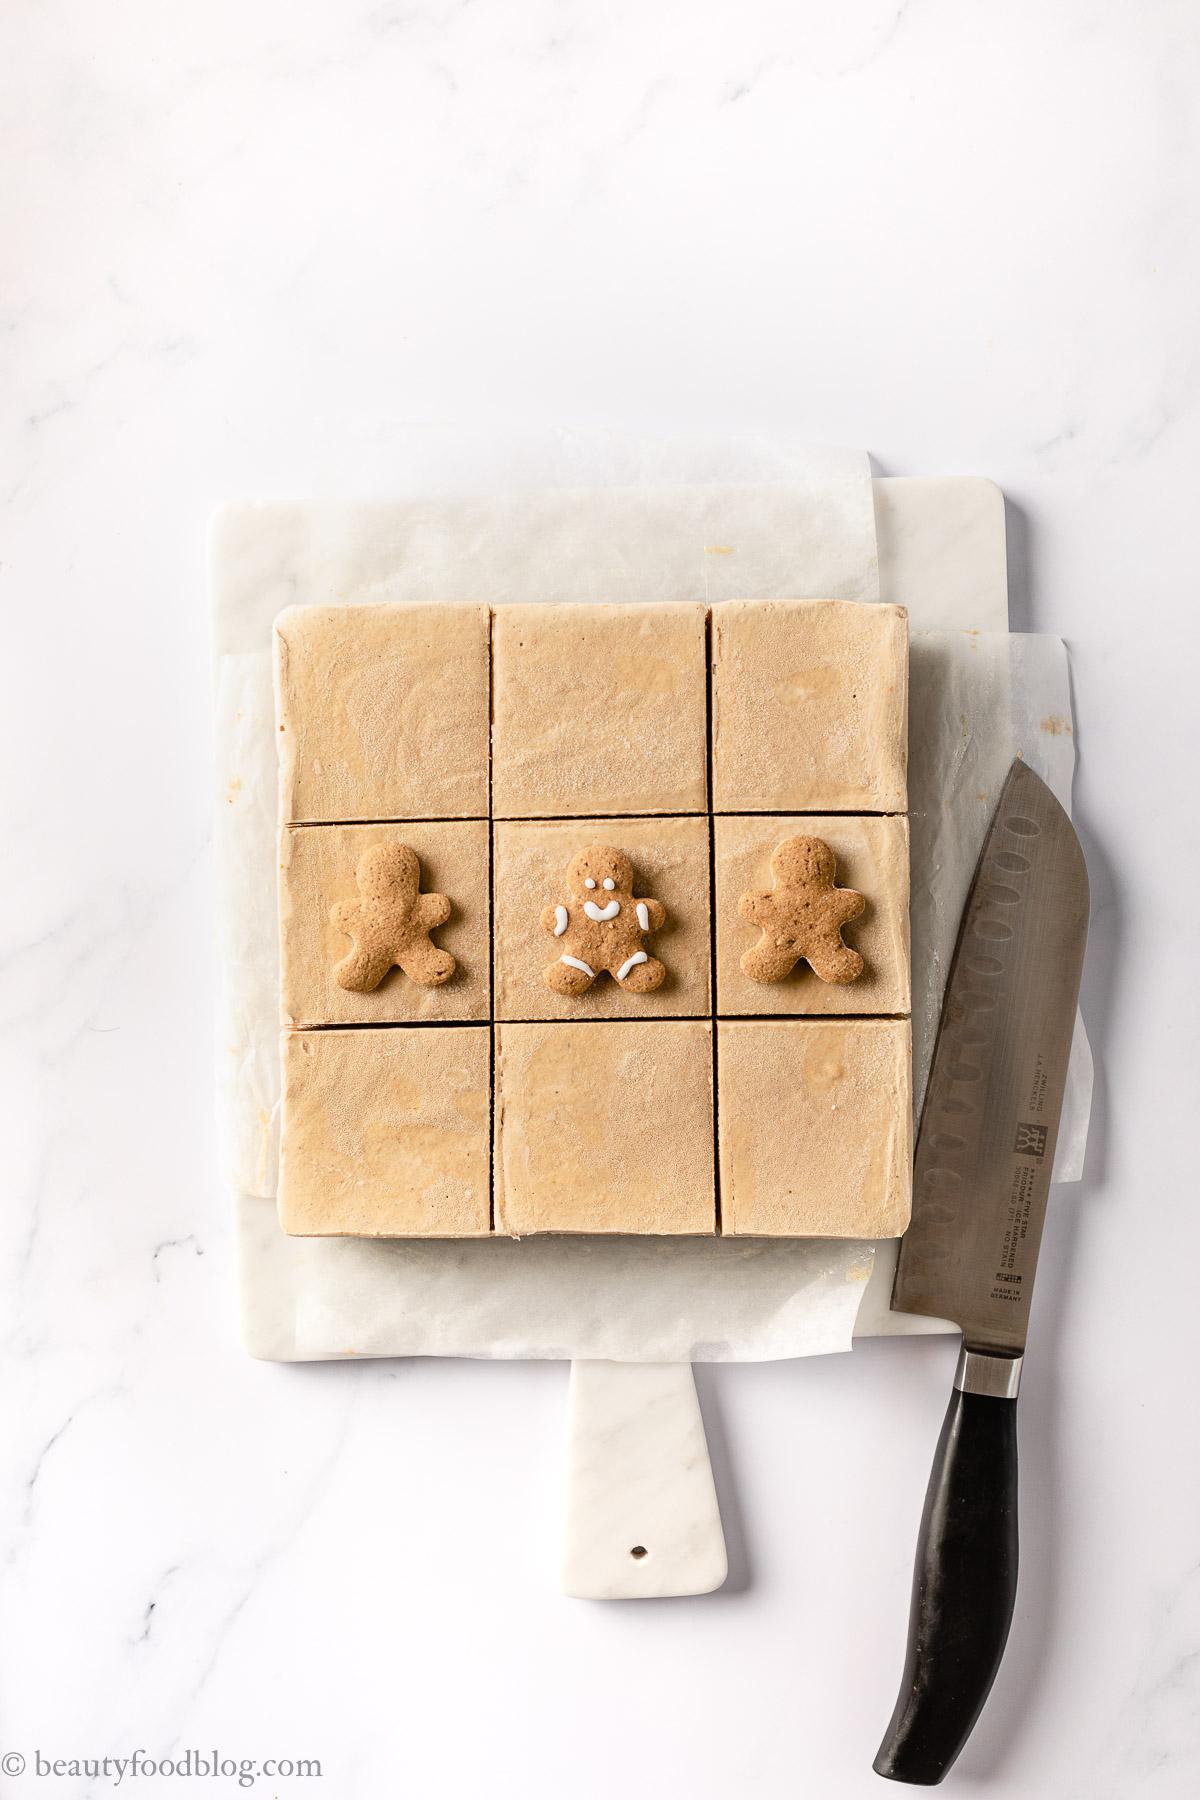 come fare la cheesecake al pan di zenzero senza cottura per Natale how to make vegan no-bake gingerbread cheesecake gluten-free Christmas